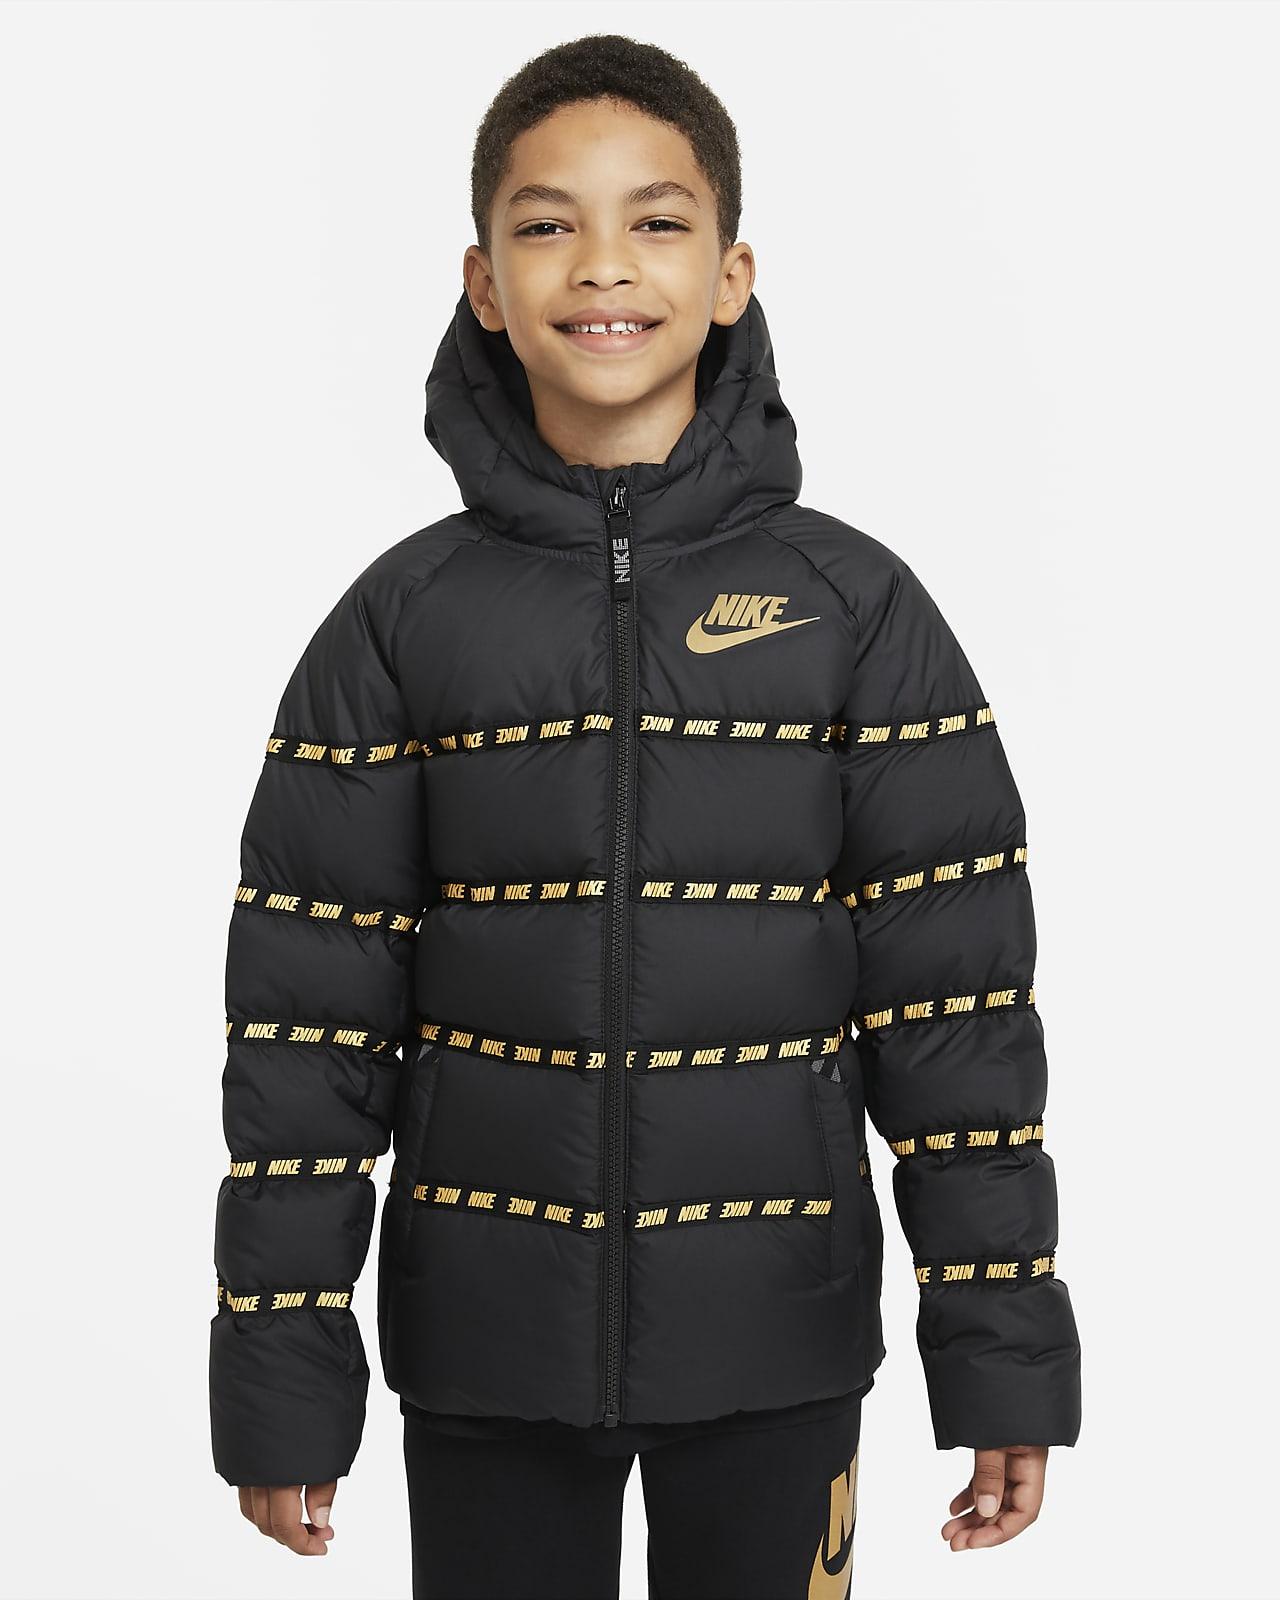 Μπουφάν Nike Sportswear για μεγάλα παιδιά